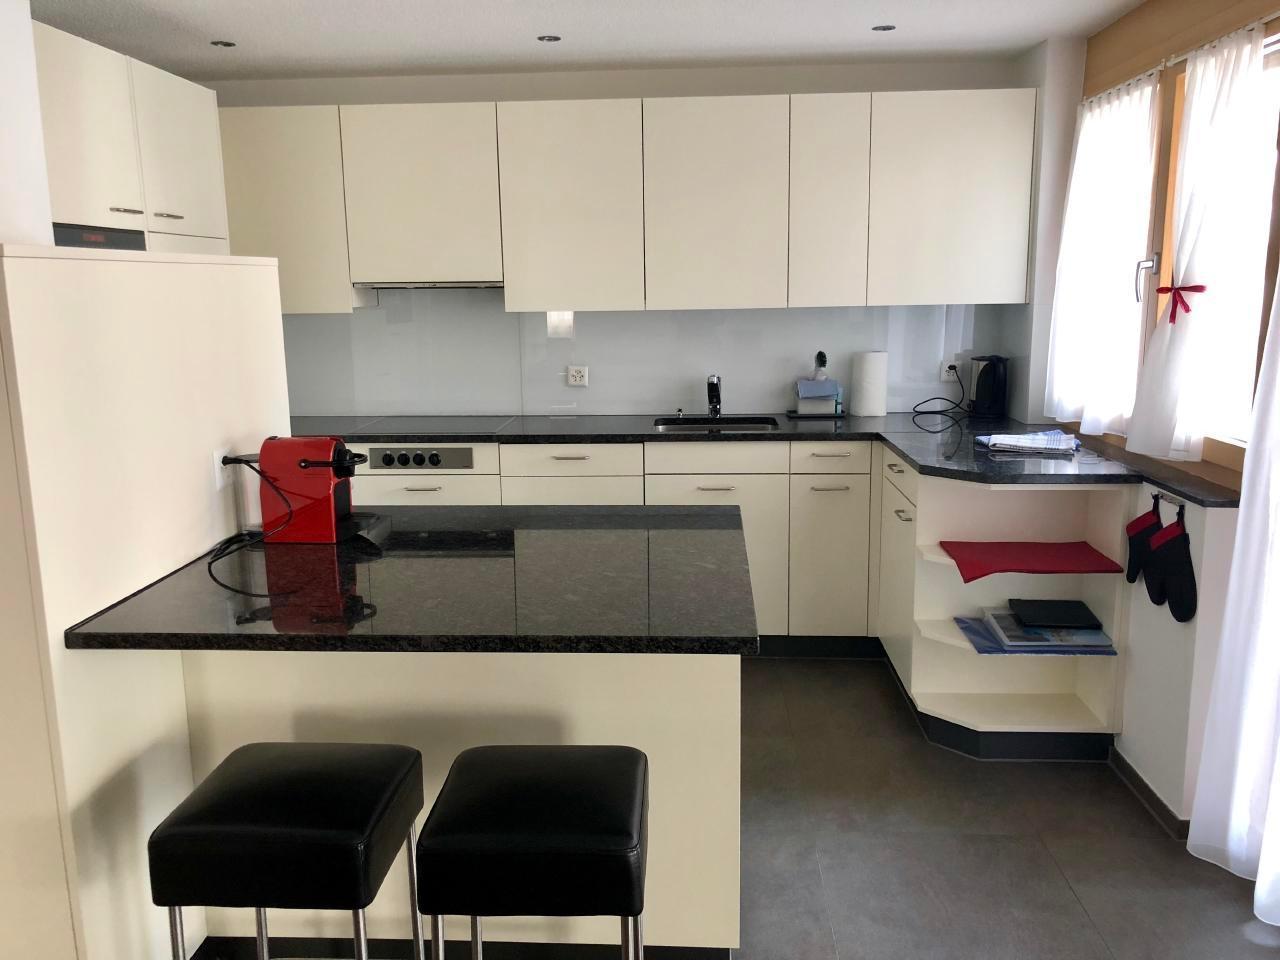 Holiday apartment Aiolos Apartments 6 Personen (468317), Zermatt, Zermatt, Valais, Switzerland, picture 6